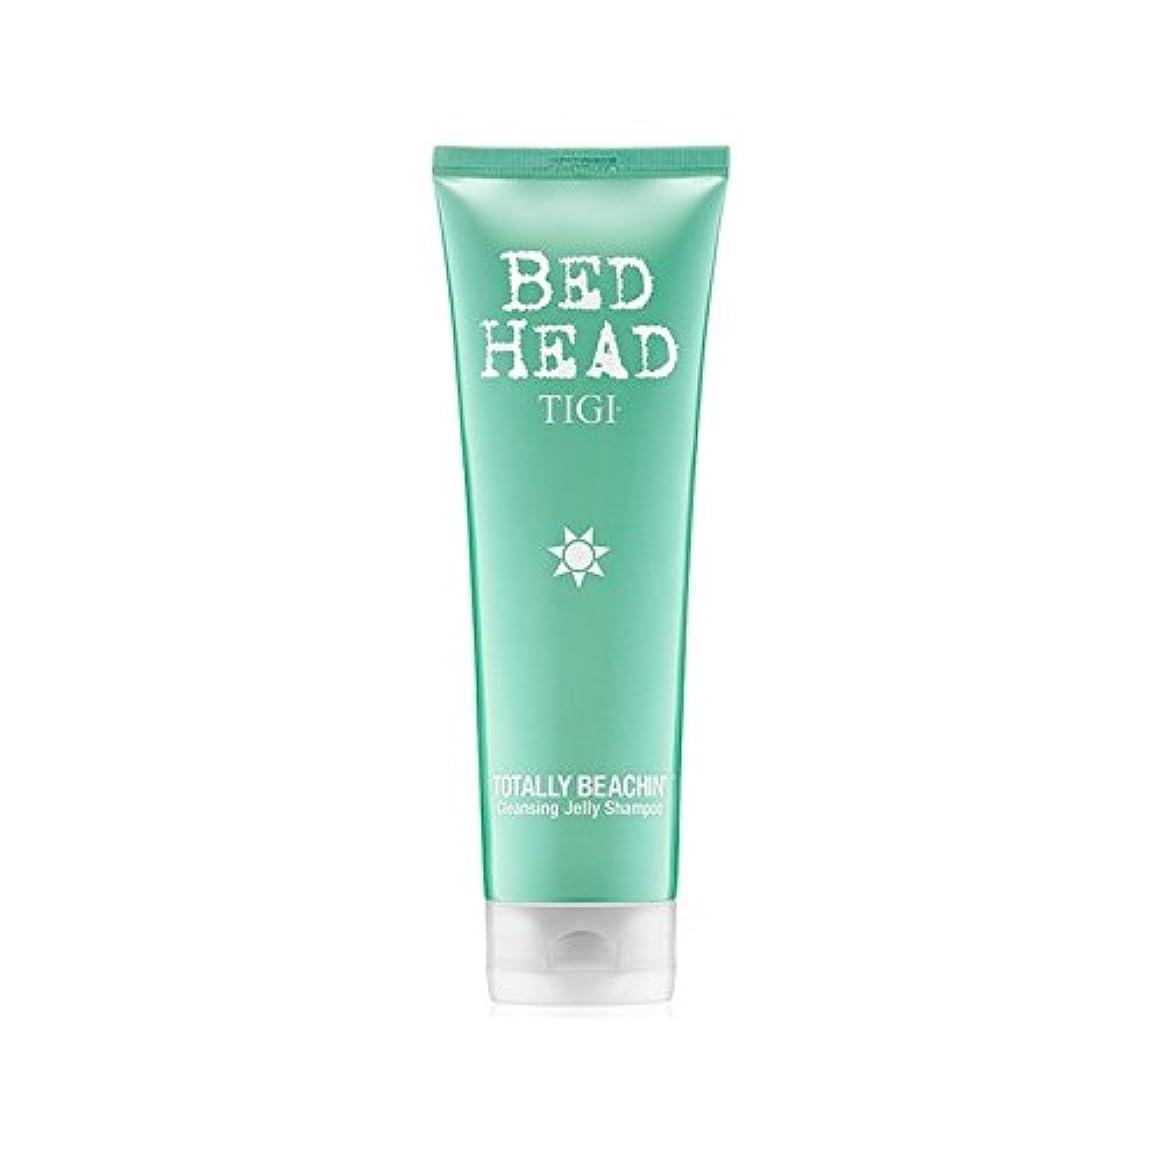 スクランブルマインドラベTigi Bed Head Totally Beachin Cleansing Jelly Shampoo (250ml) (Pack of 6) - 完全にクレンジングゼリーシャンプー(250ミリリットル)ティジーベッドヘッド x6 [並行輸入品]